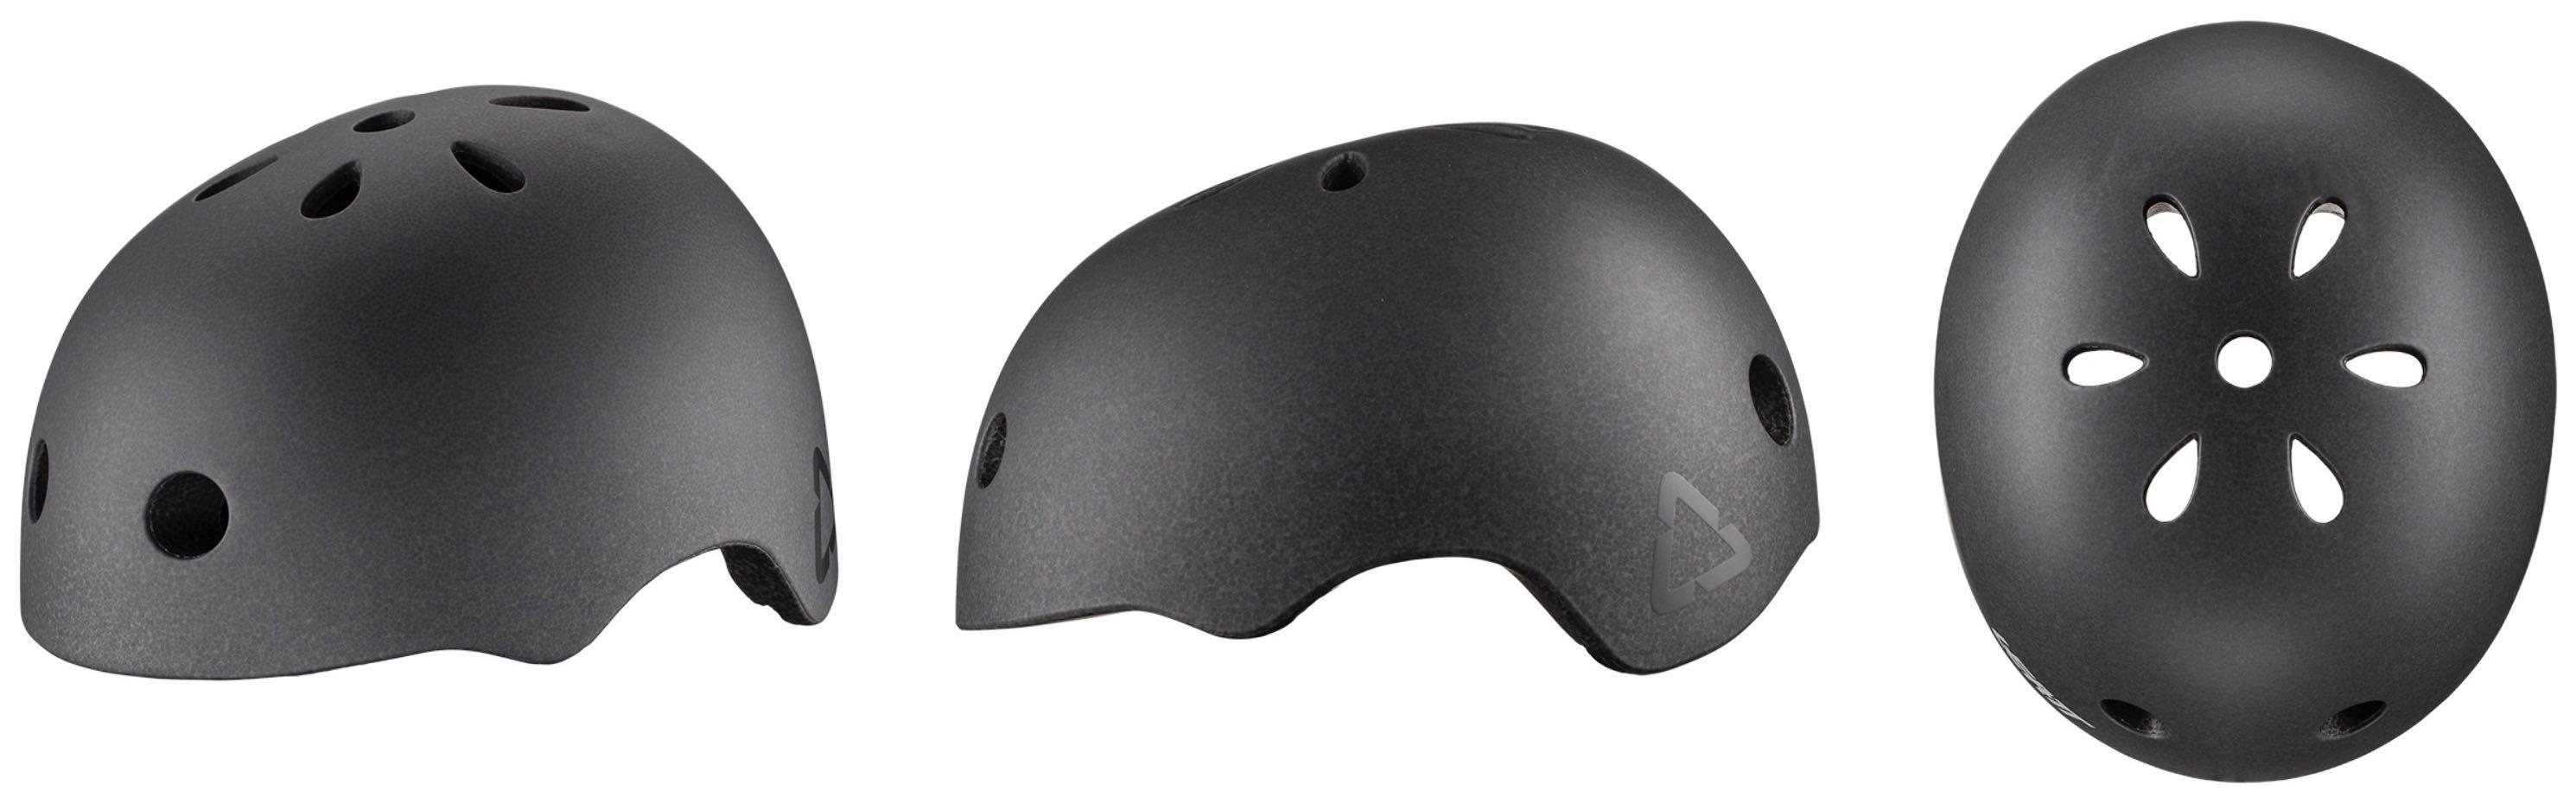 Leatt 1.0 Urban Helmet in Brushed